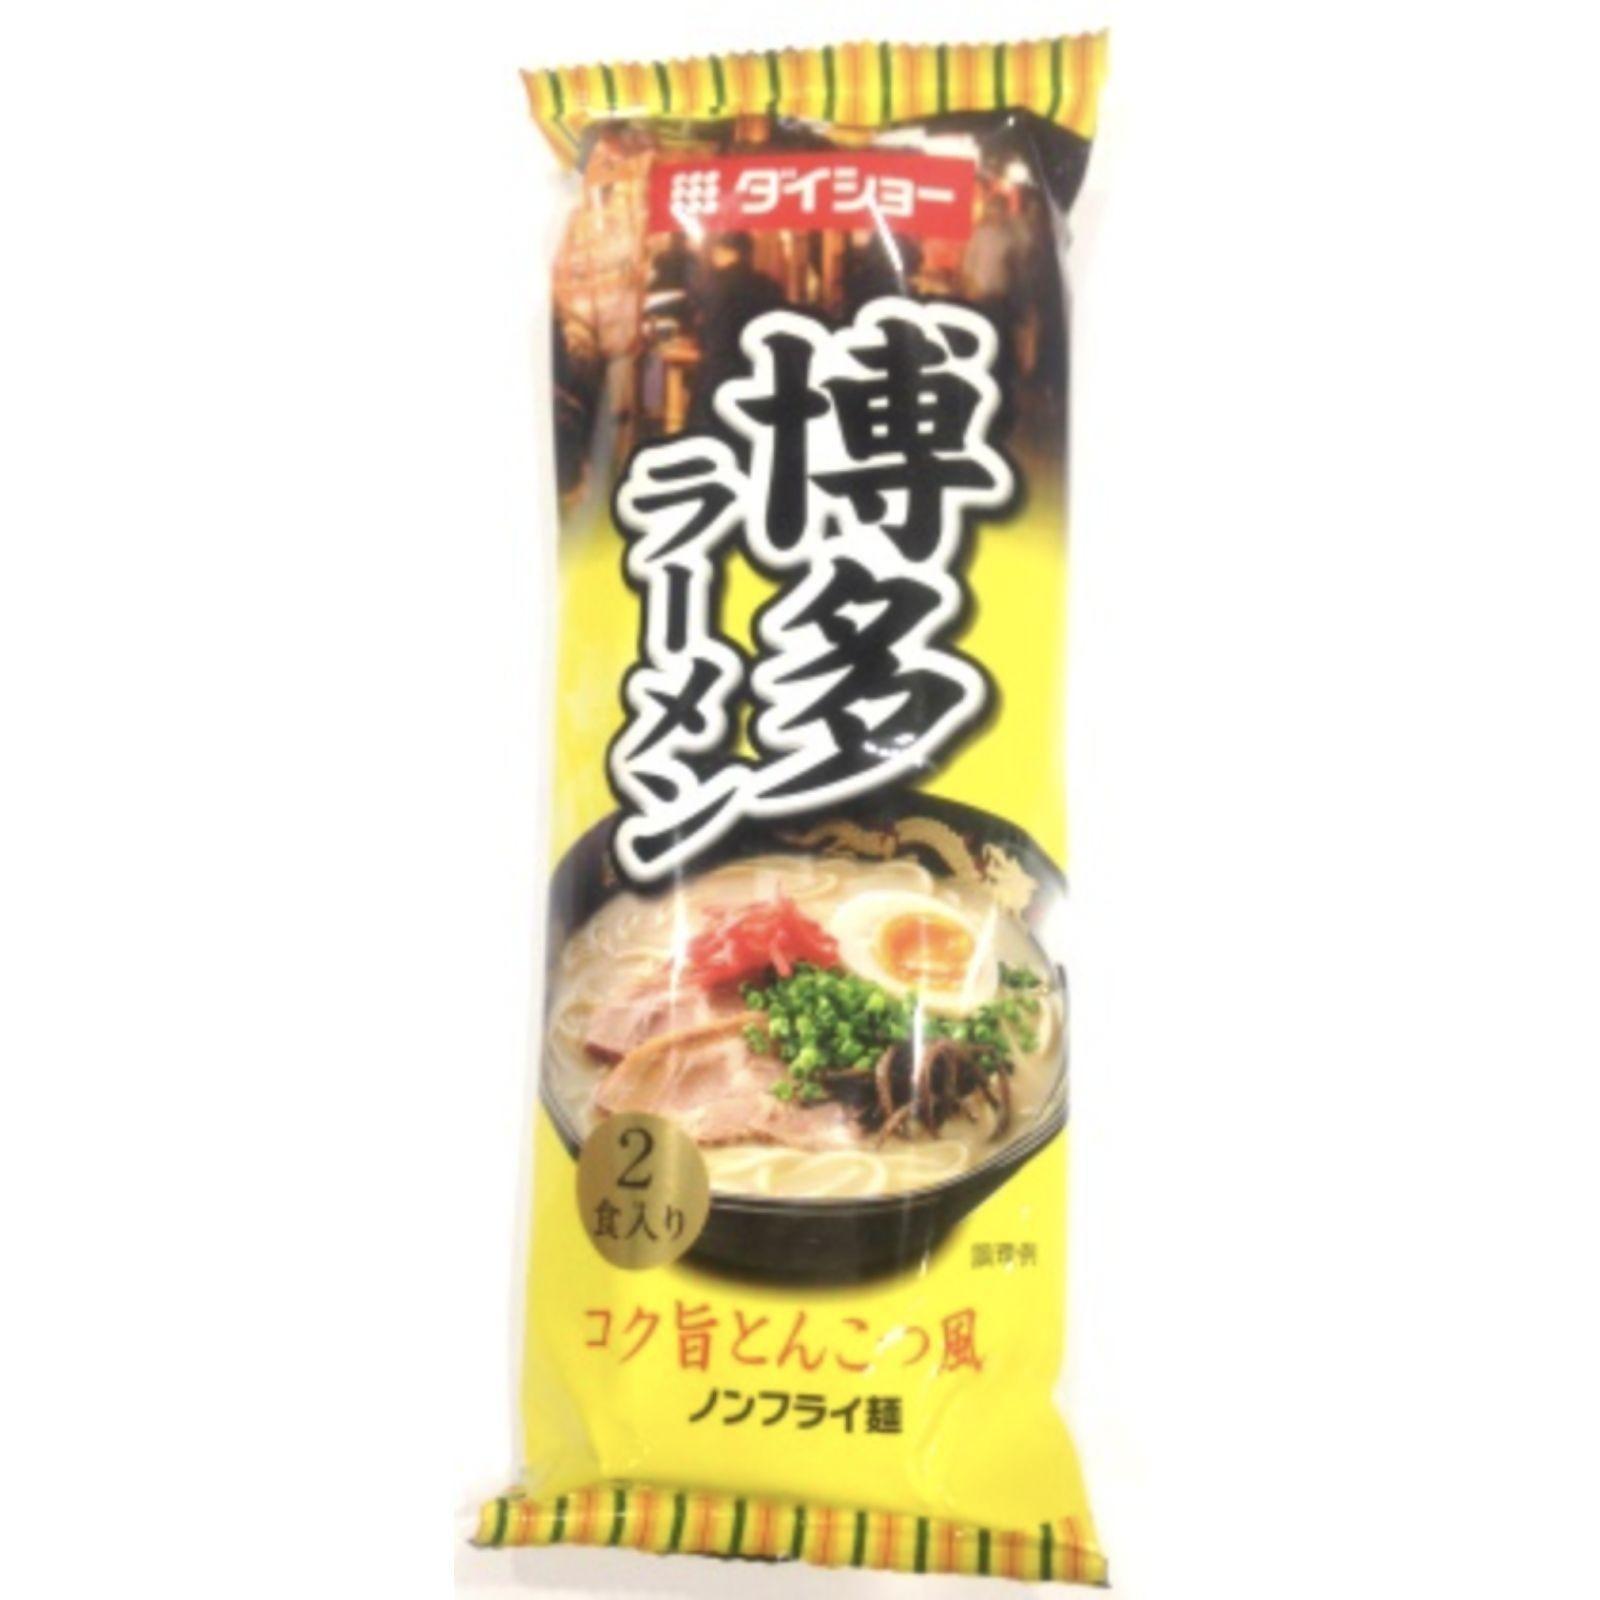 Daisho HAKATA Japan Tonkotsu Ramen Noodle (2 Servings) 188g